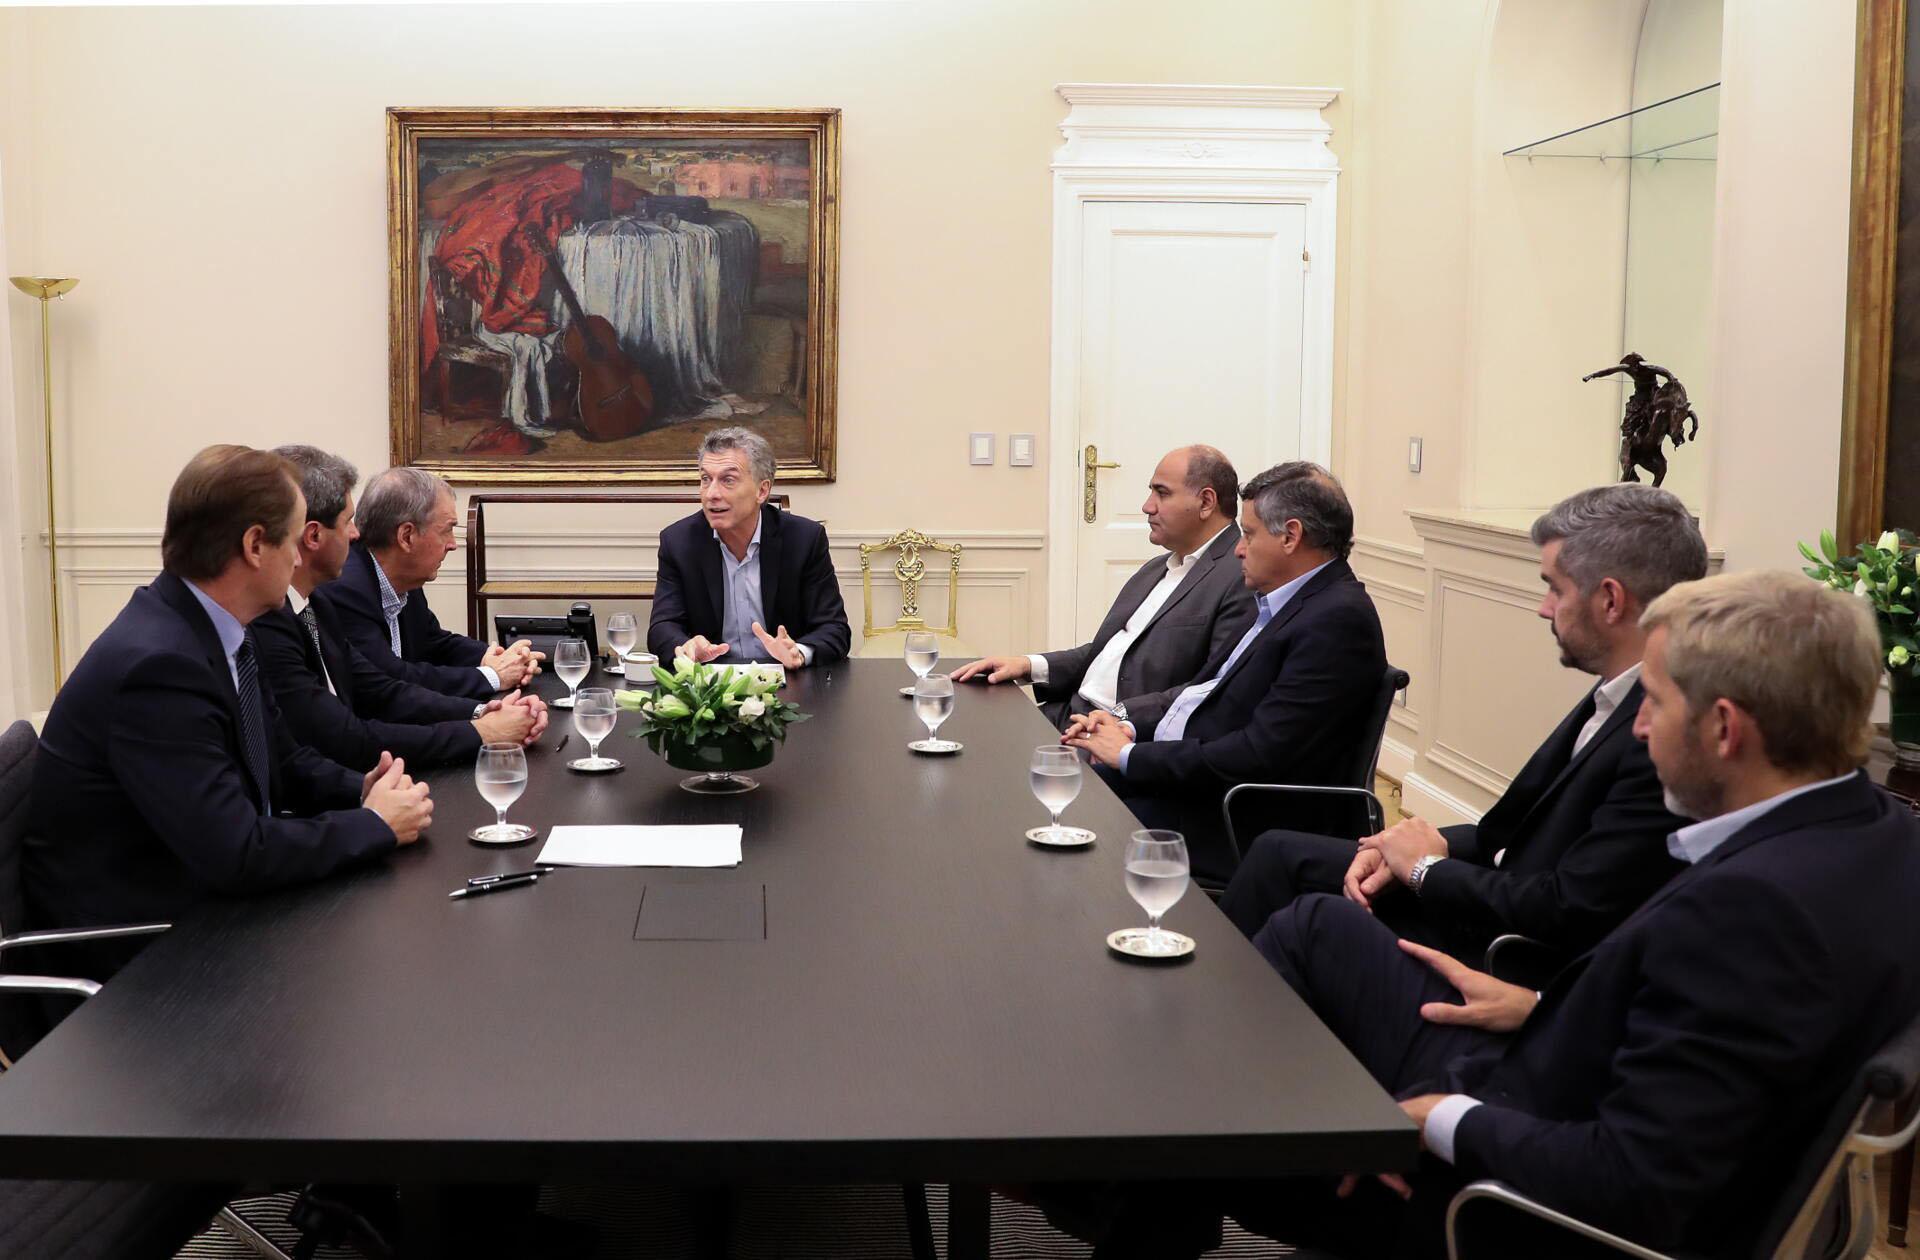 El Presidente Macri se reunió con los gobernadores peronistas Schiaretti (Córdoba), Bordet (Entre Ríos), Manzur (Tucumán), Uñac (San Juan) y Peppo (Chaco). Cuando se fueron dijo estar muy contento por el apoyo y porque su billetera seguía en su poder.